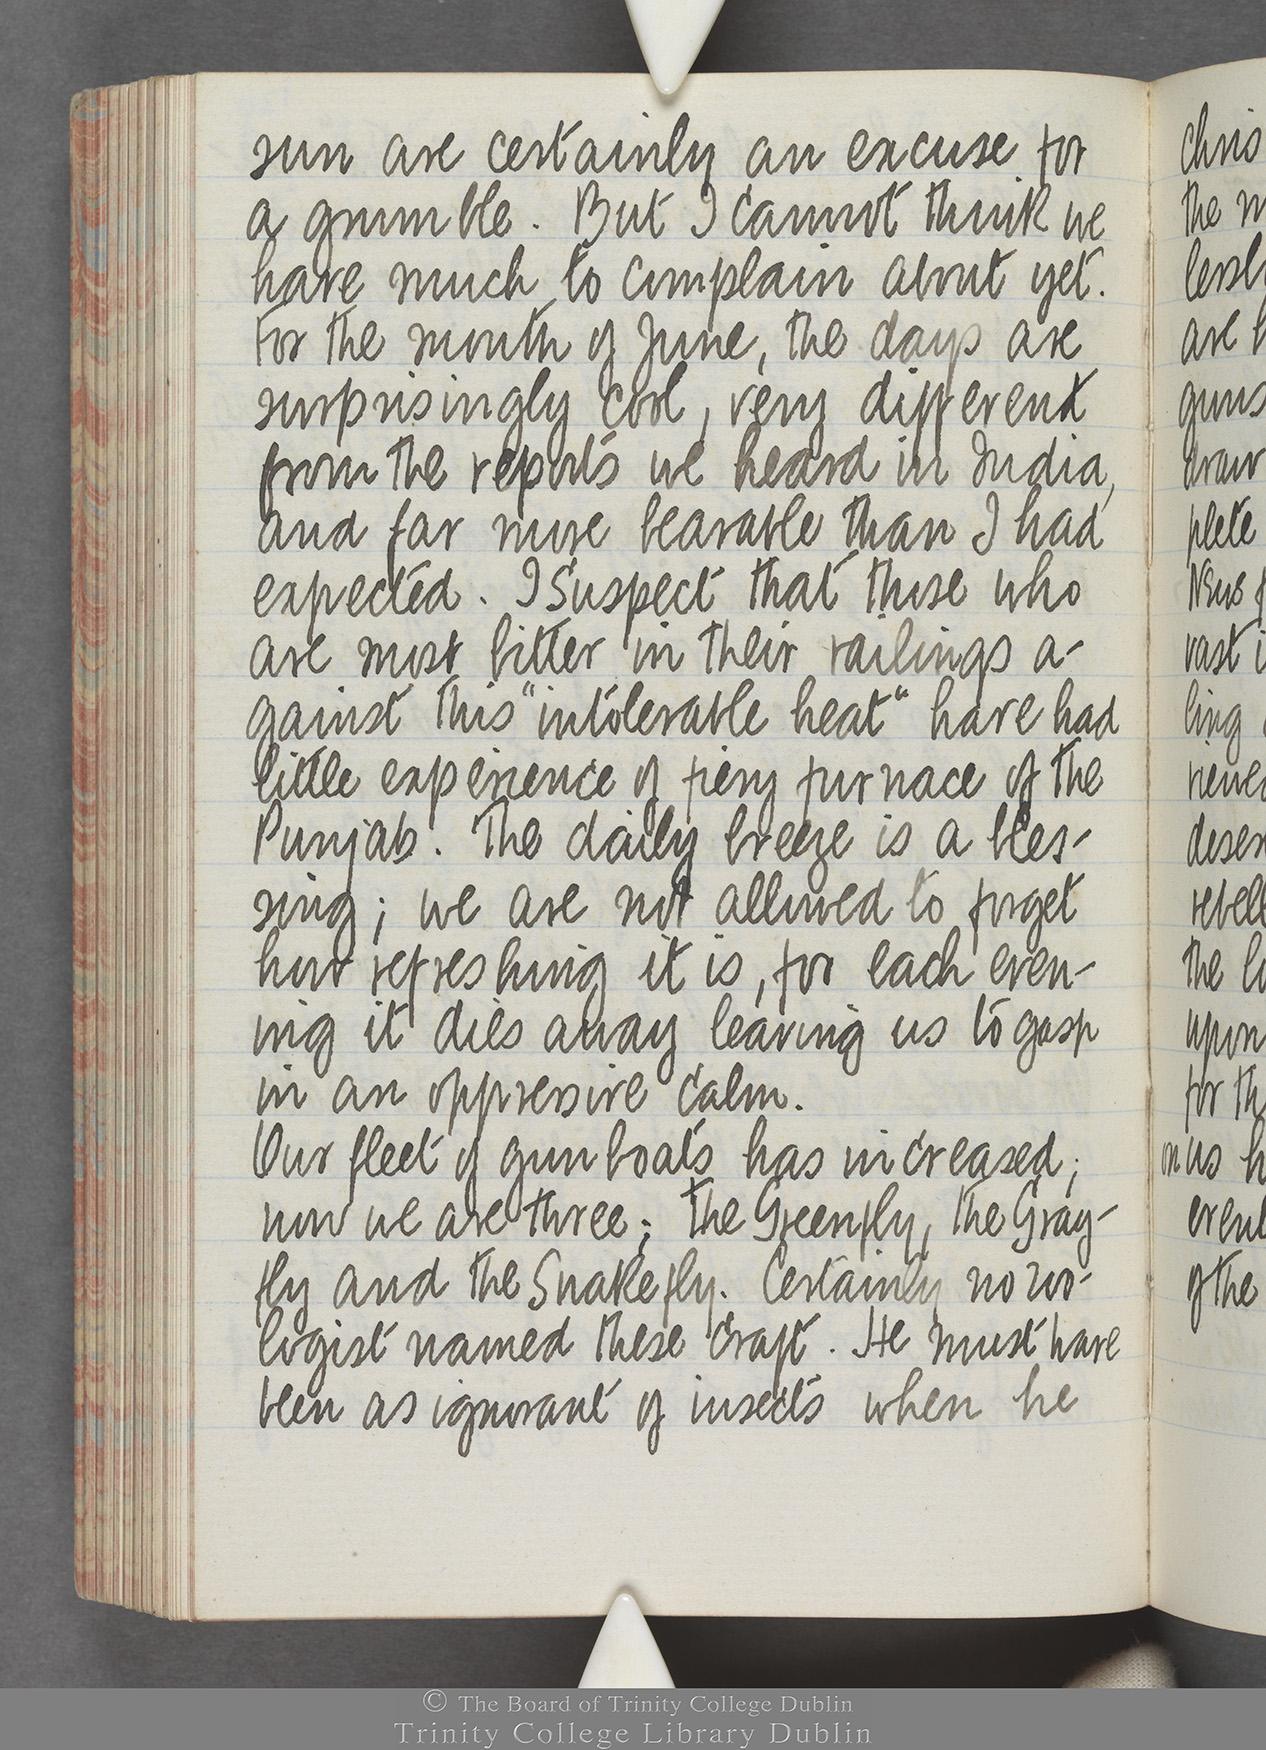 TCD MS 10515 folio 124 verso